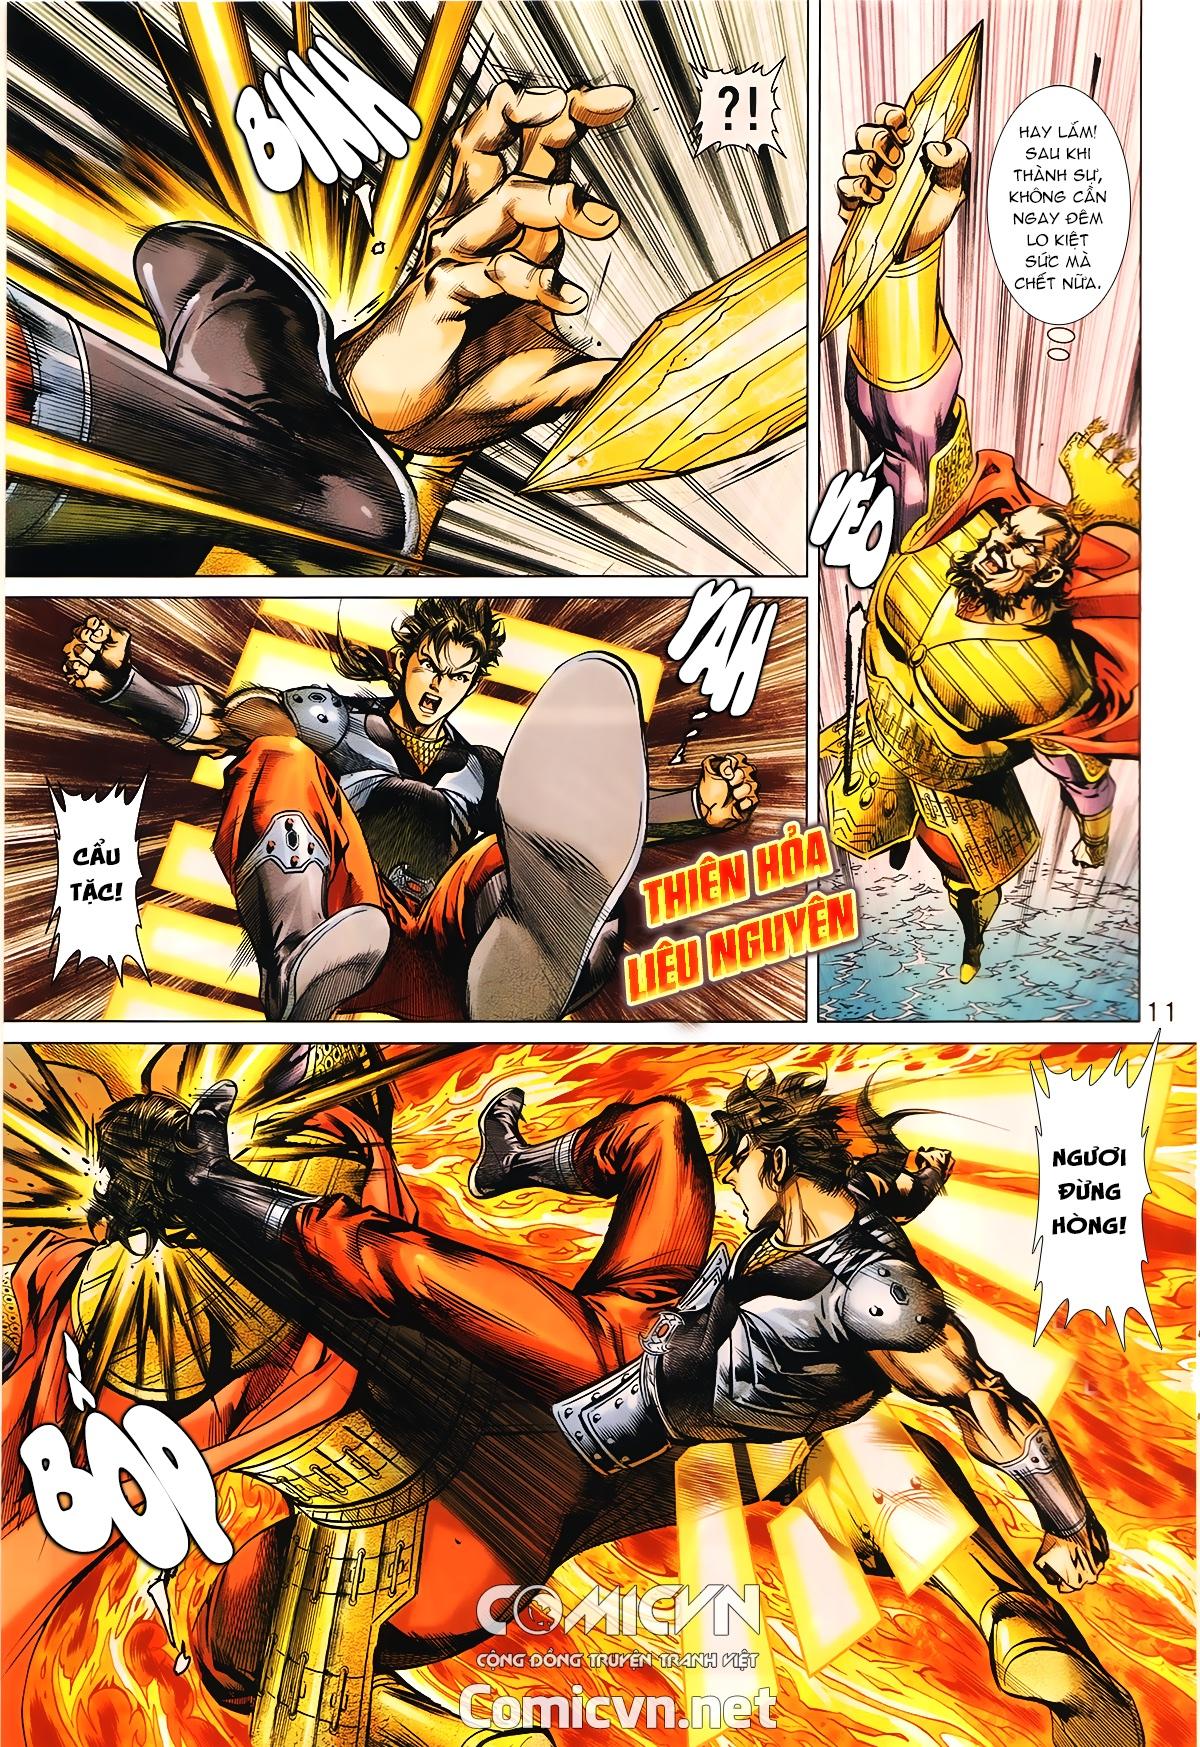 Hoàng Triều Quân Lâm Chap 13.1 - Next Chap 14